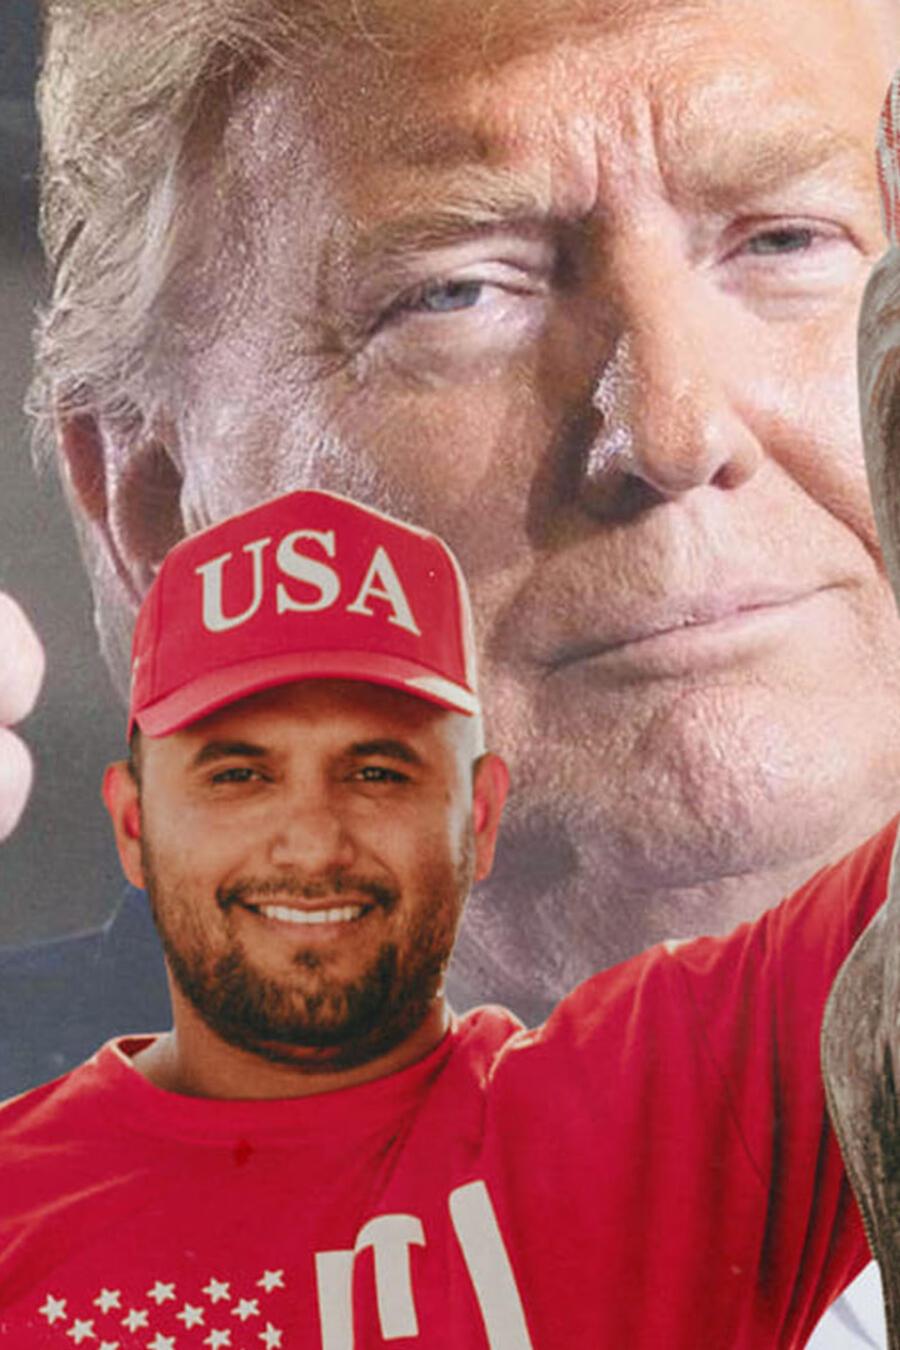 Evento Trump Selena Quintanilla